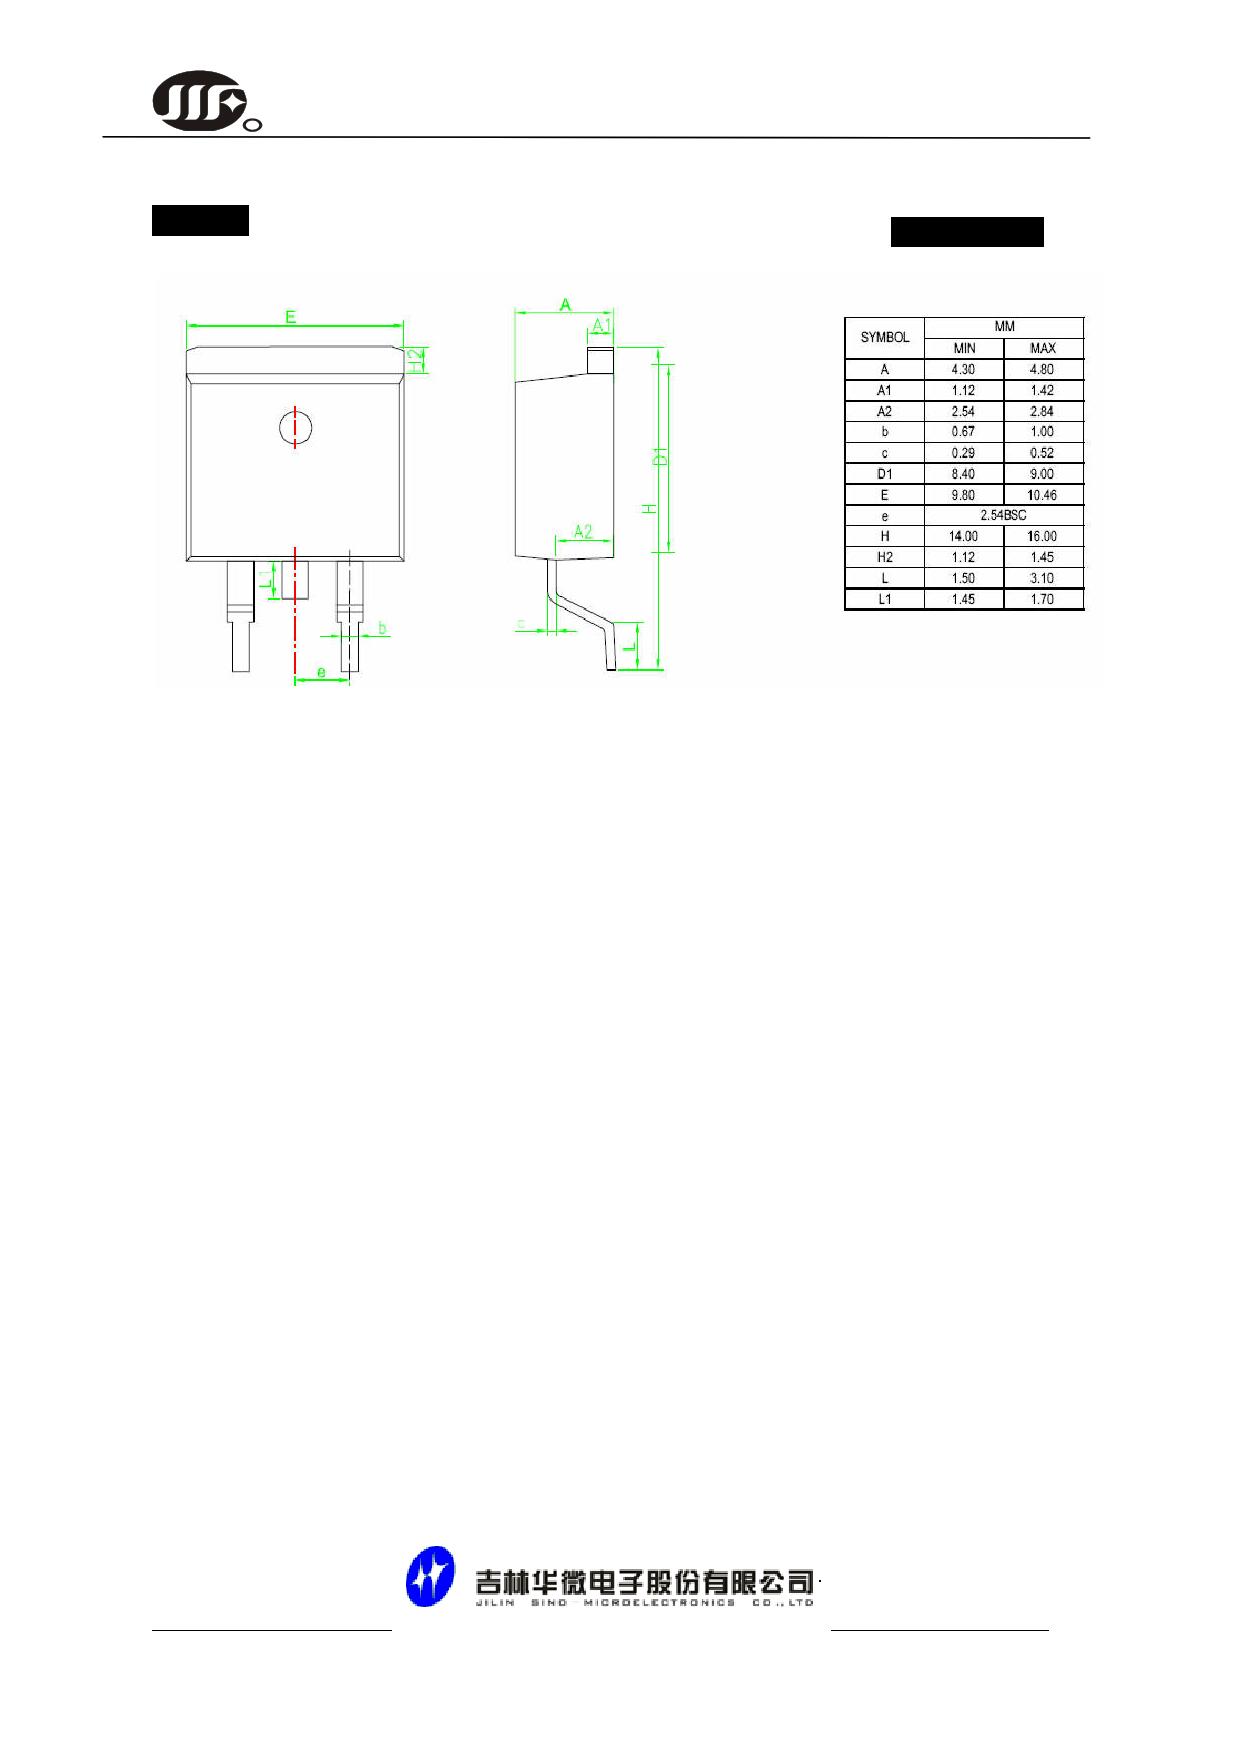 JCS75N75F arduino